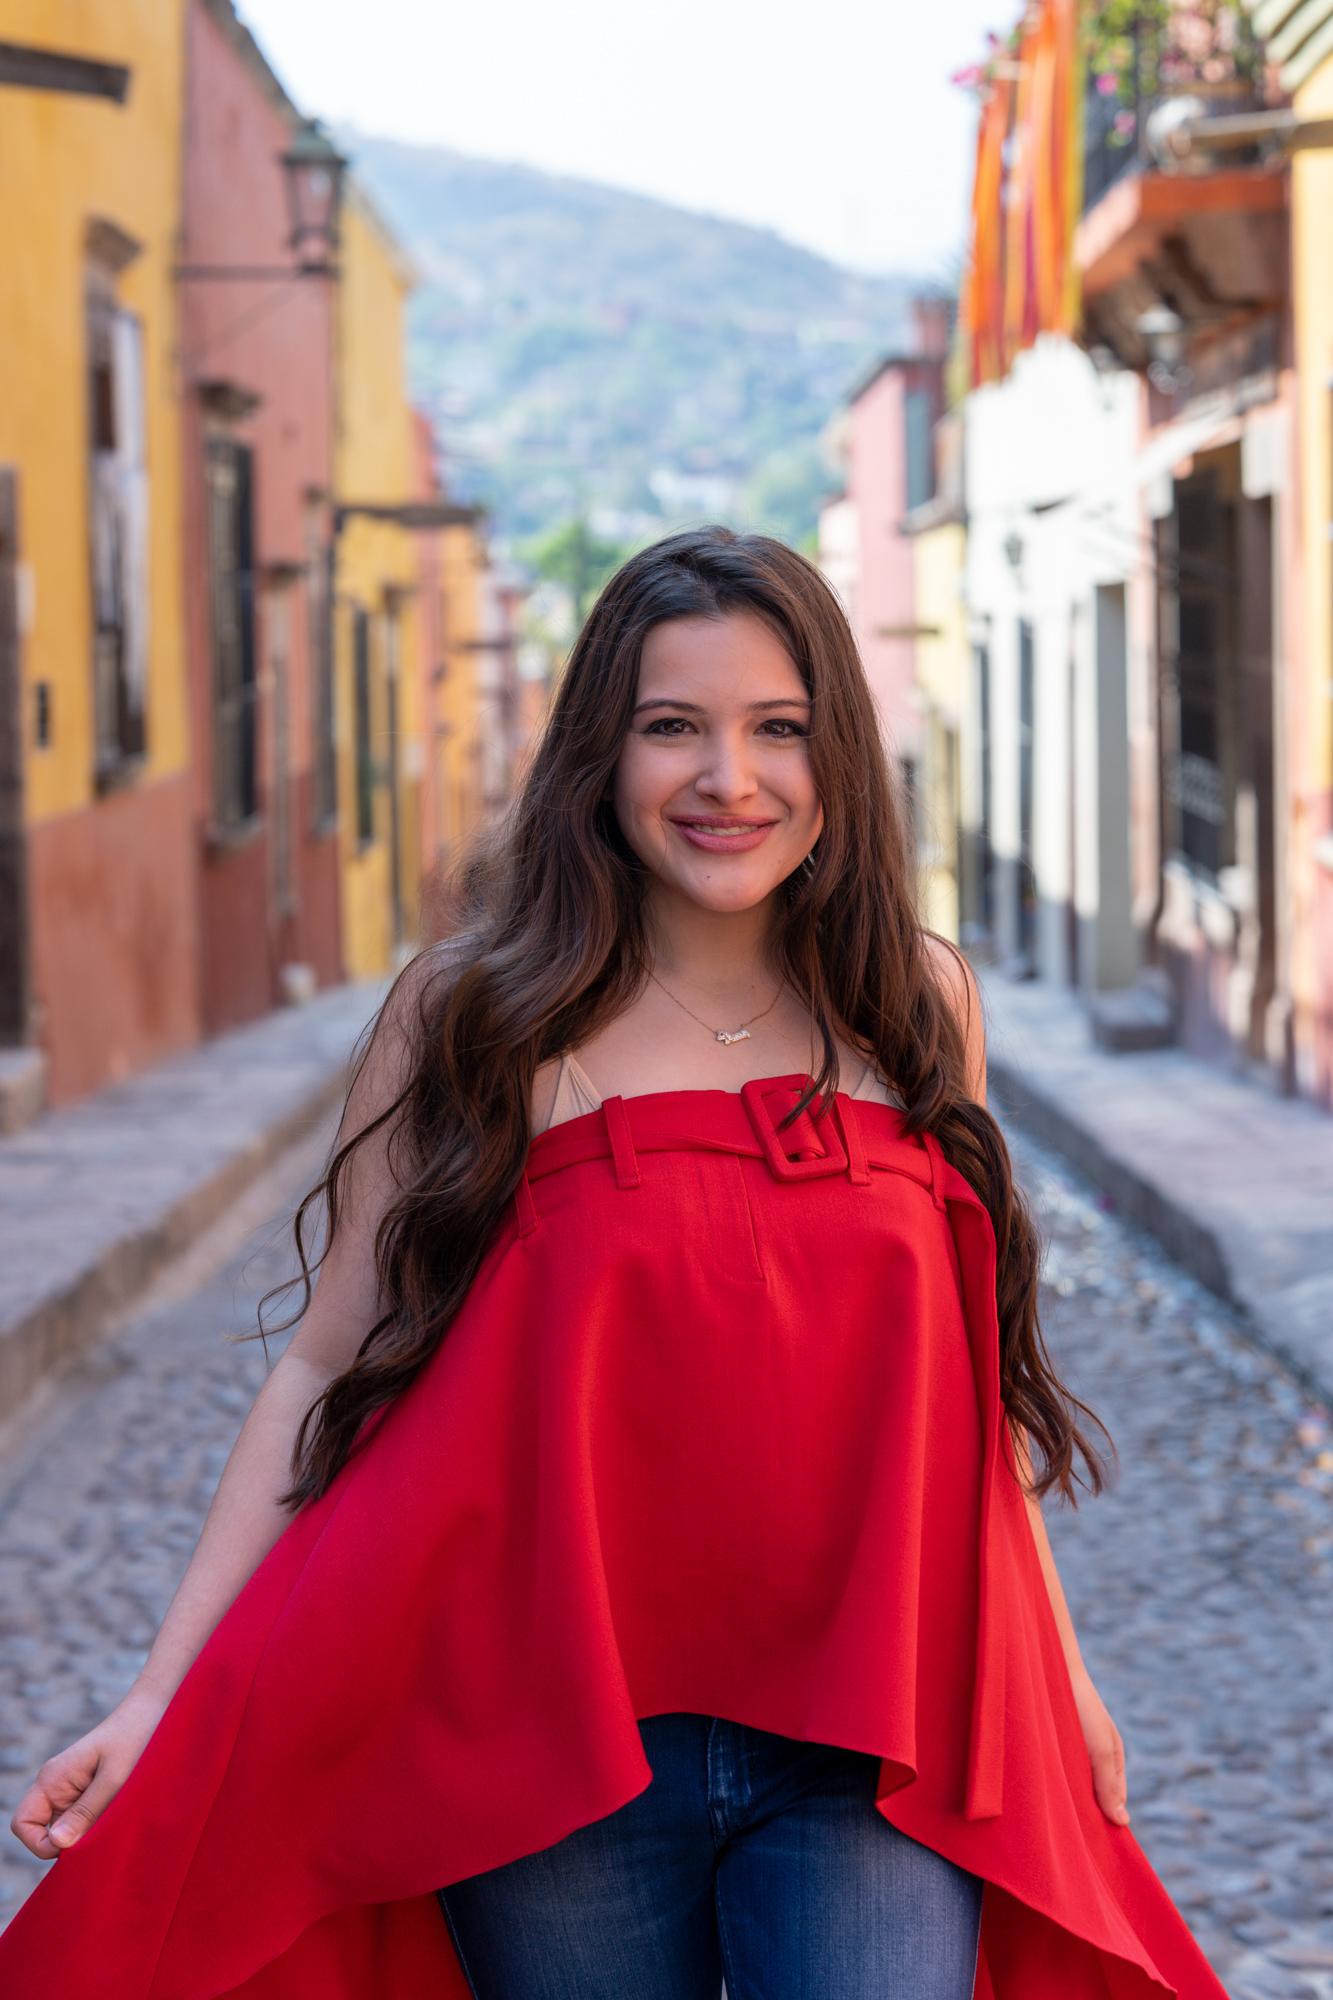 Sesion de Fotos en San Miguel de Allende con Rogelio y su Fmailia-6.jpg